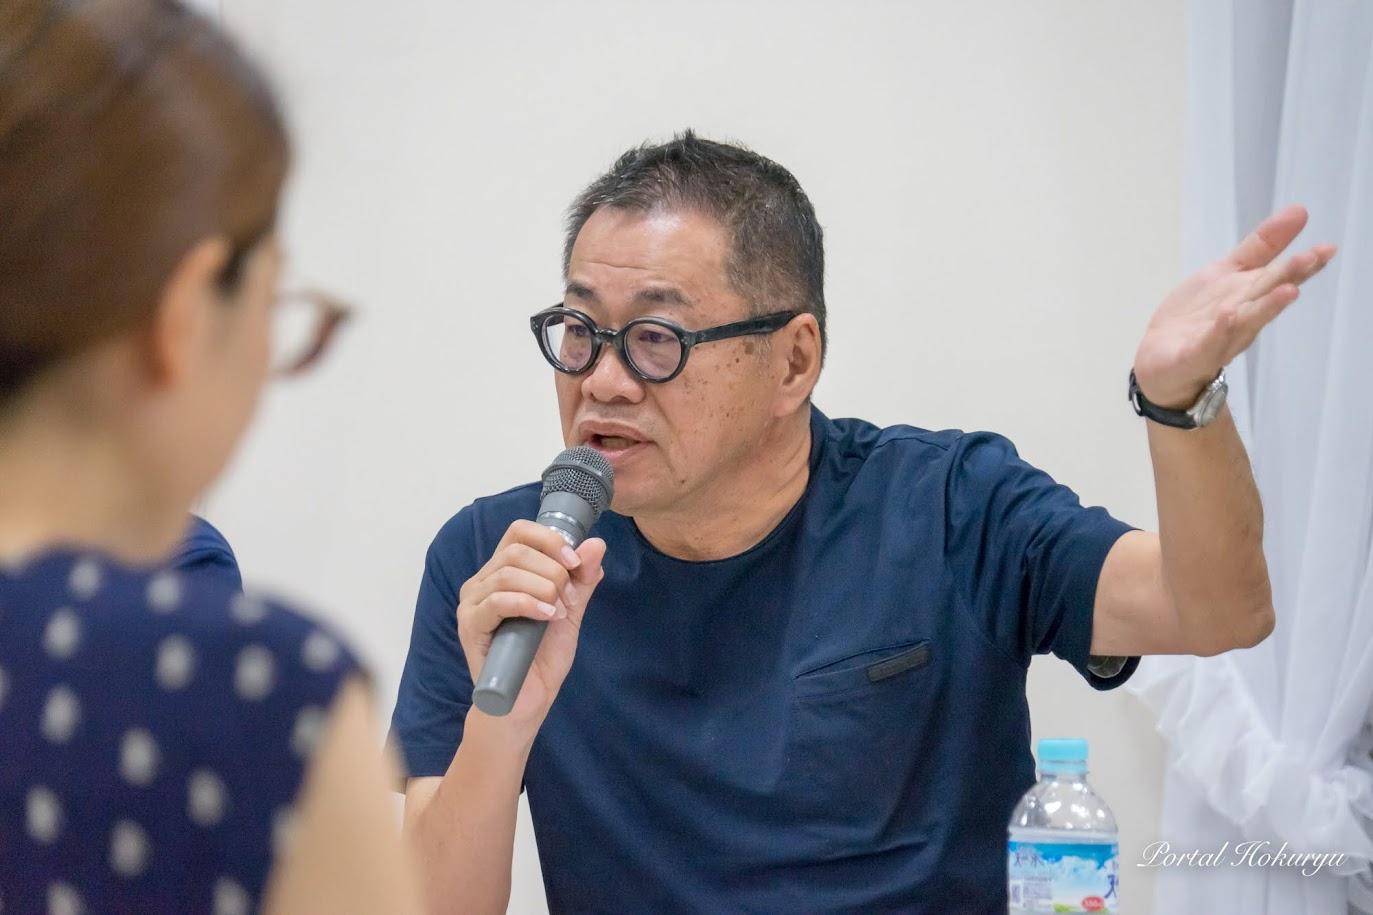 デザイナー・梅原真氏(梅原デザイン事務所主宰)